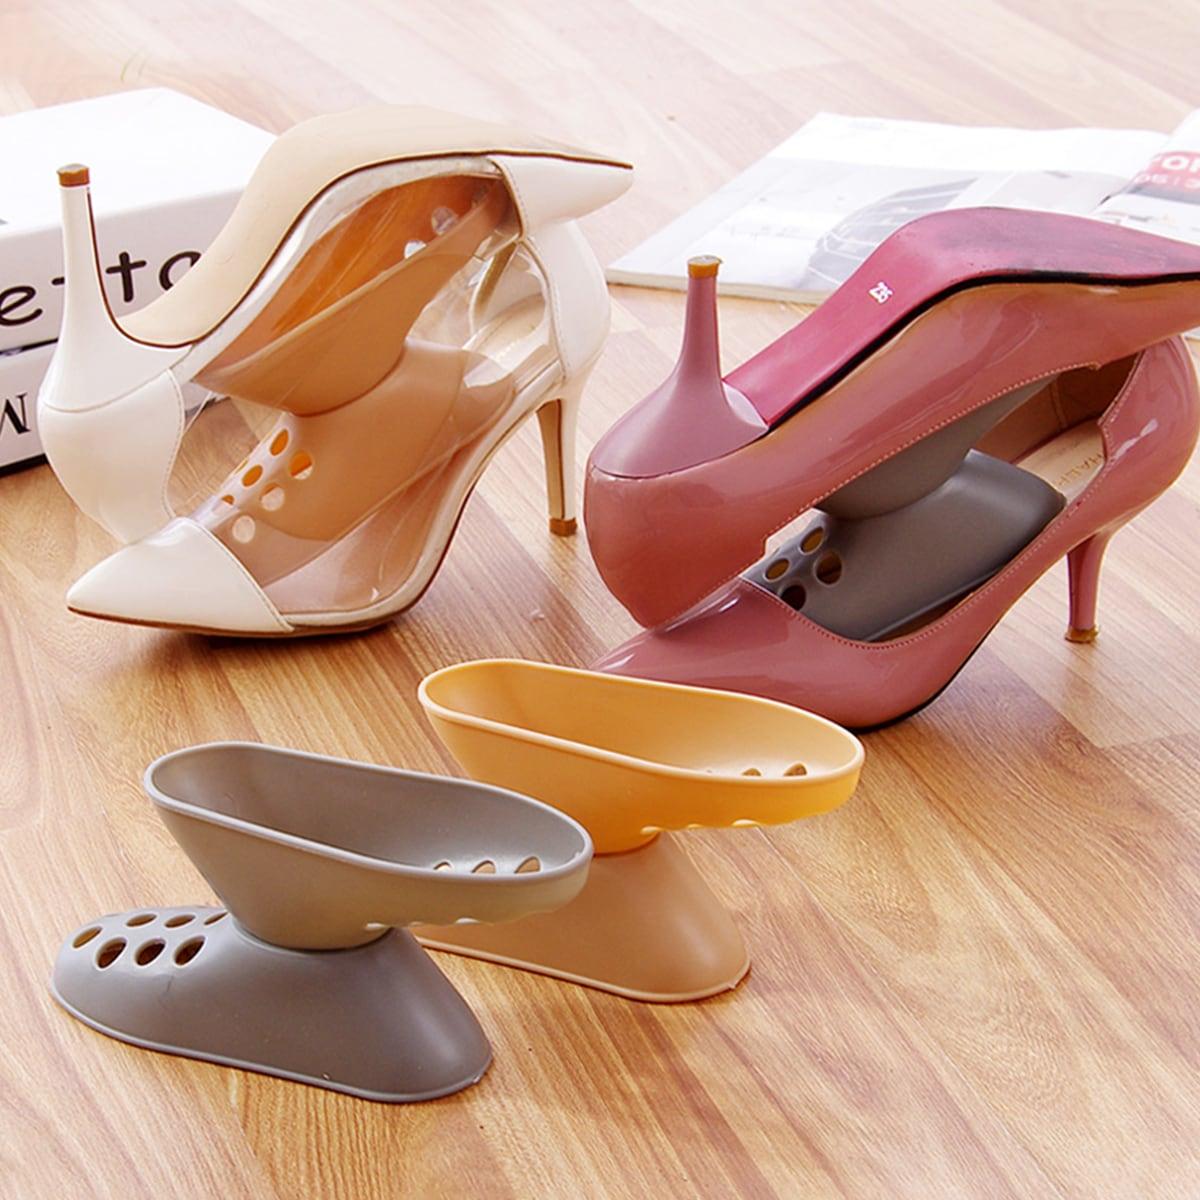 1pc creatieve voetvormige driedimensionale willekeurige schoenenrek